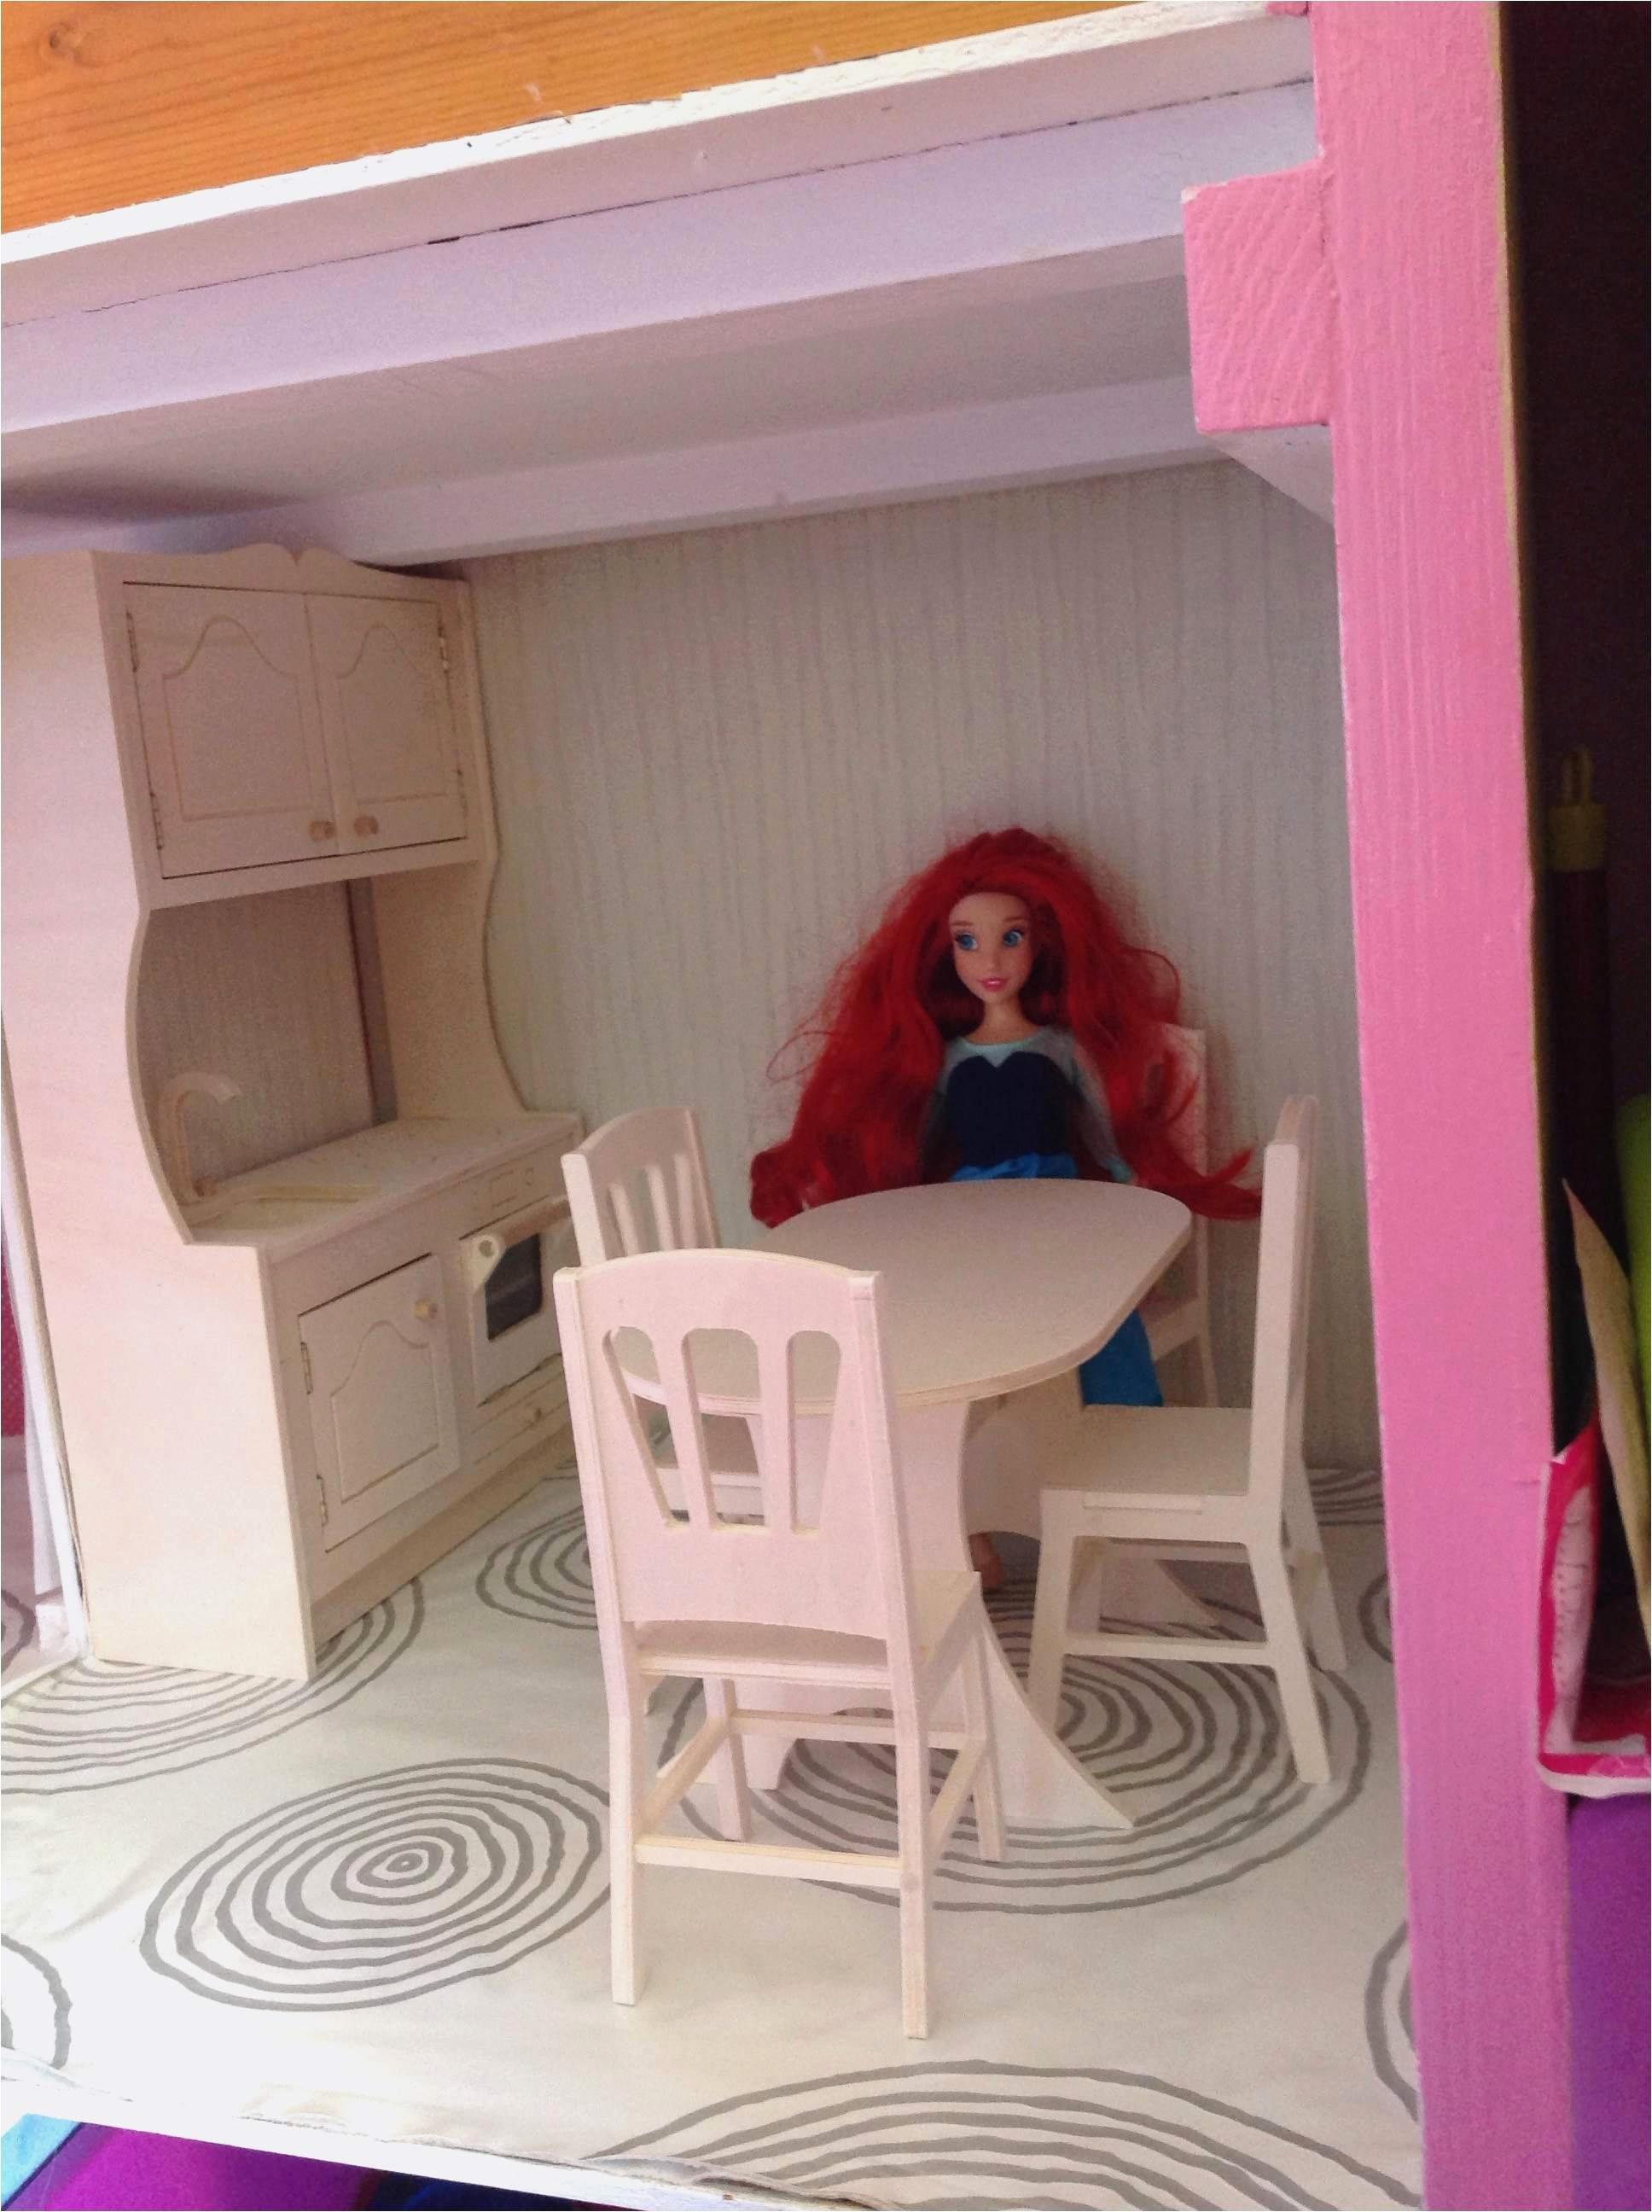 Jeu De Cuisine De Sarah Beau Images Jeux De Barbie Cuisine Luxe Jeu De Cuisine Sara Unique 41 Beau De La